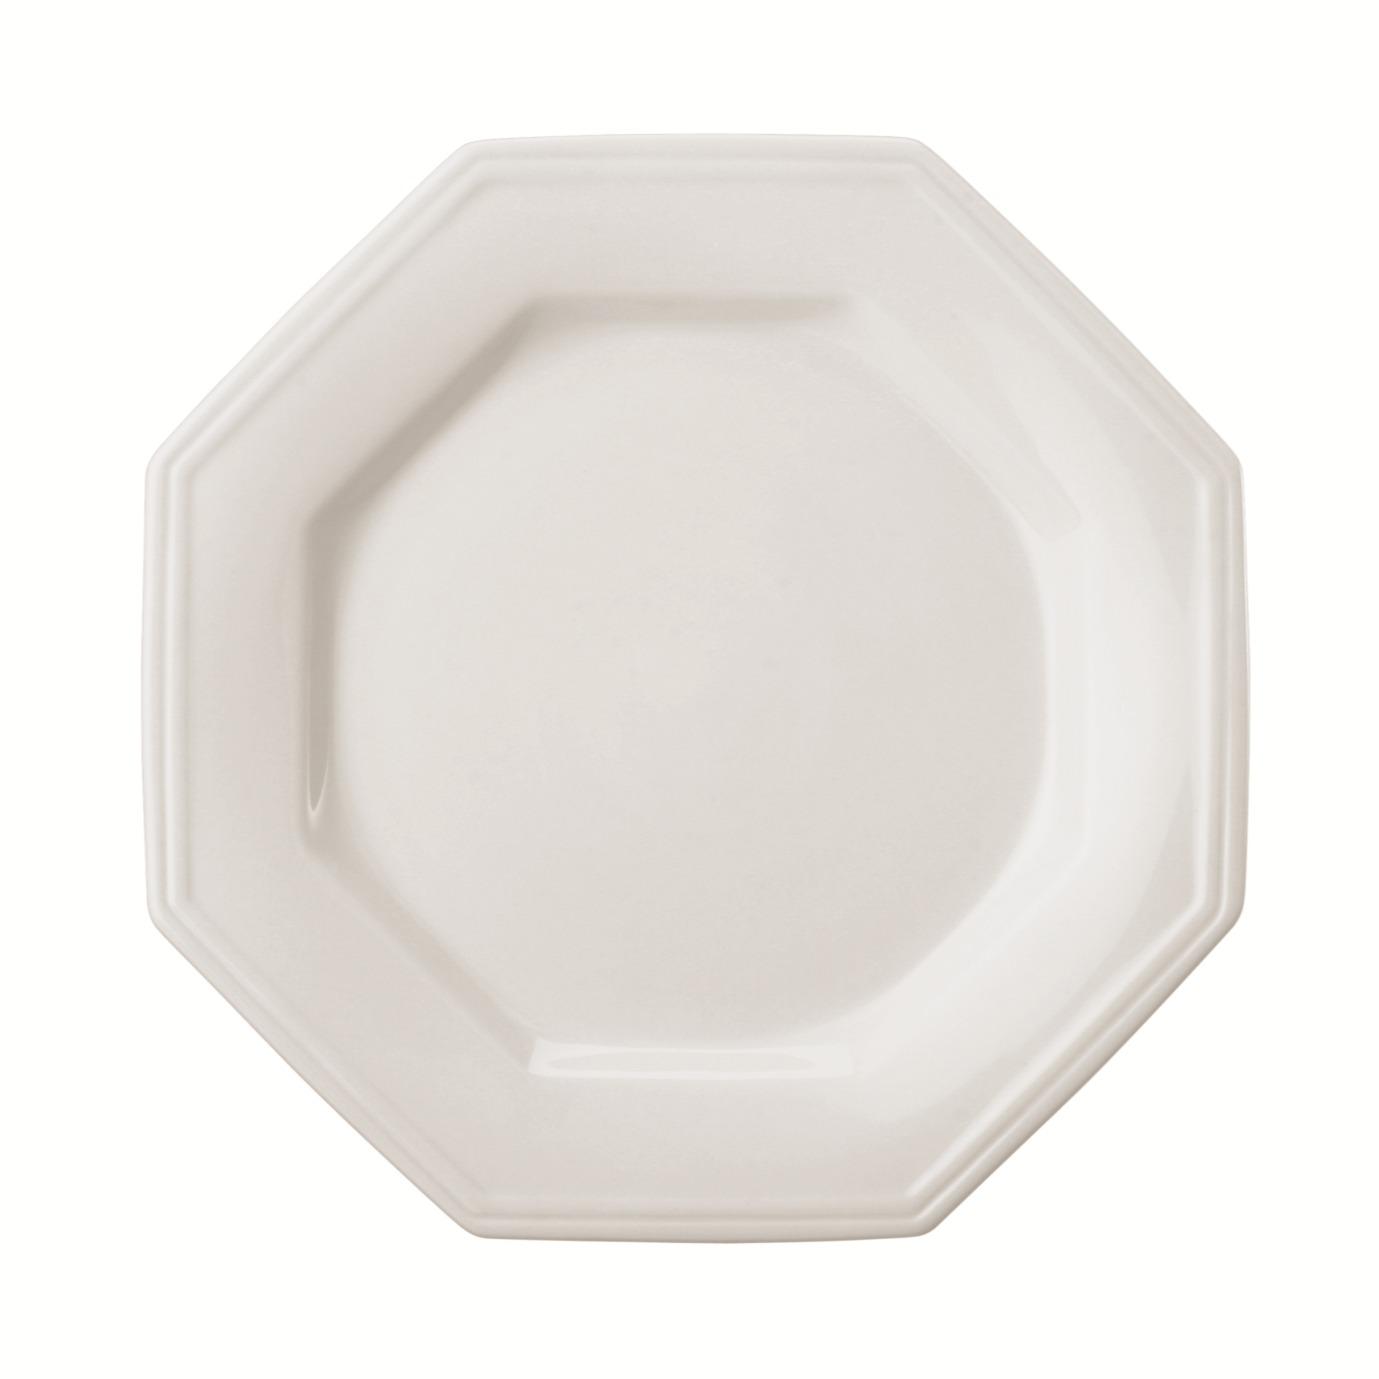 Prato de Sobremesa Redondo em Porcelana Prisma Branco 28cm - Schmidt